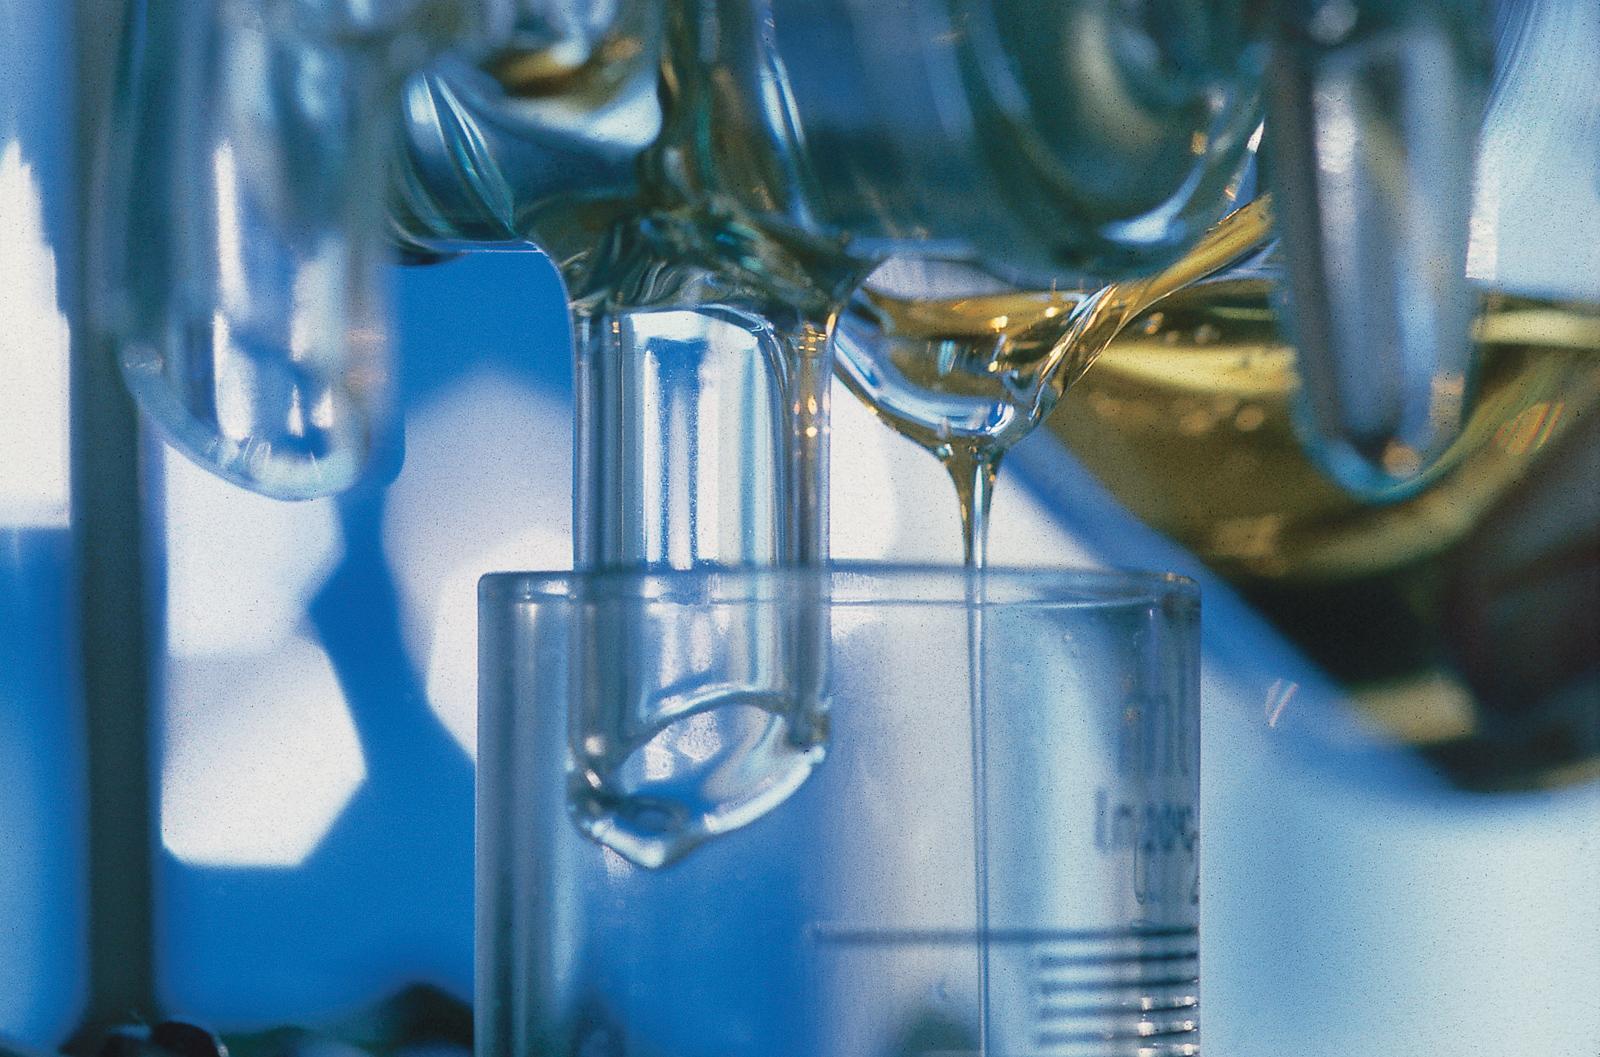 Burkhardt-Oil – Höchste Qualität zu erschwinglichen Preisen!